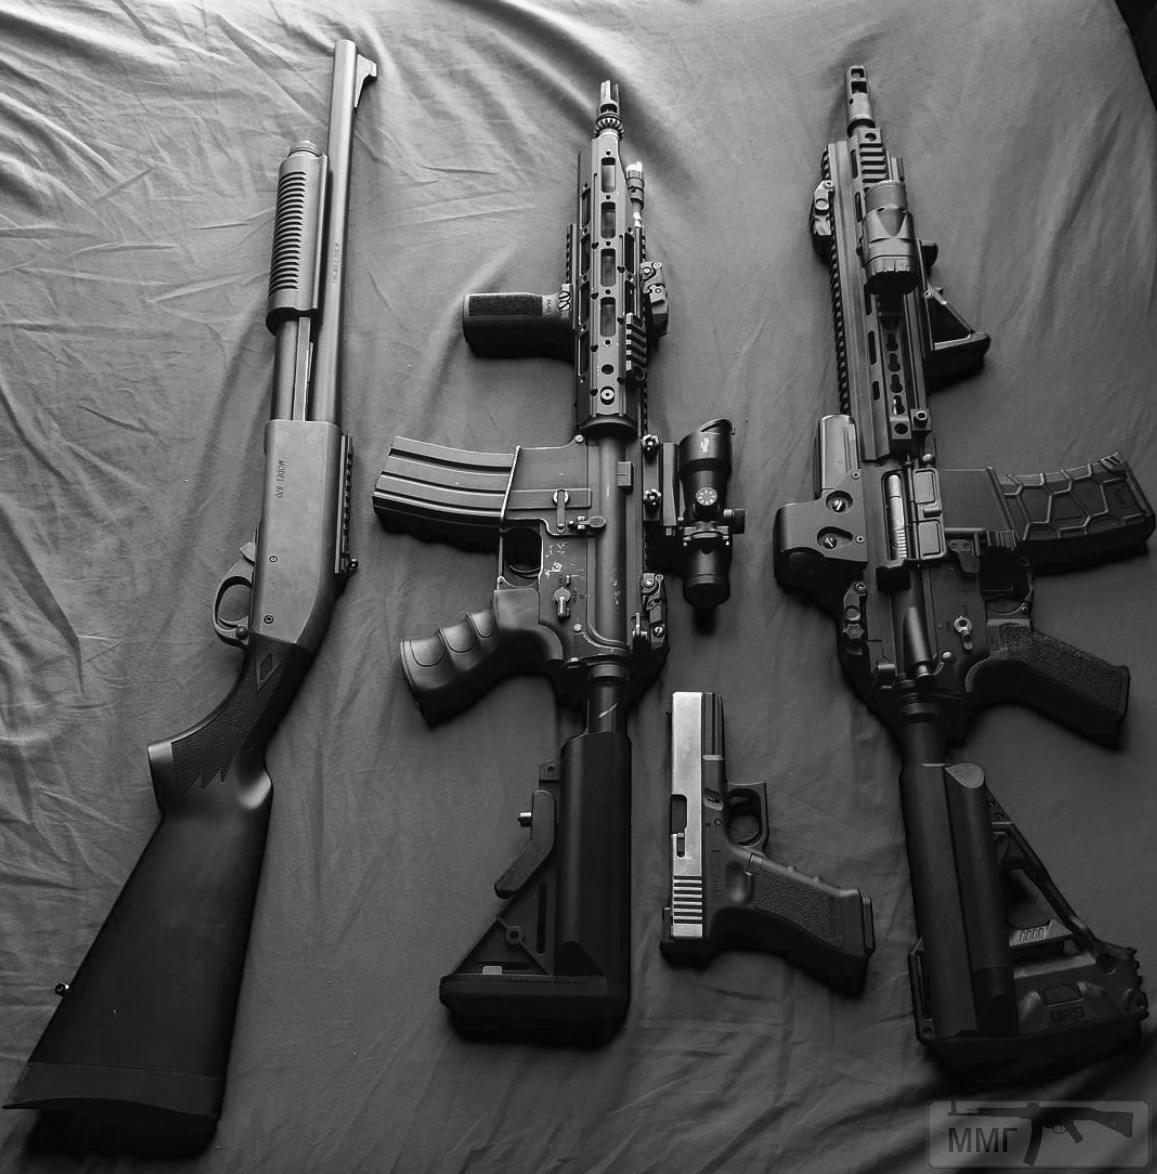 81059 - Фототема Стрелковое оружие